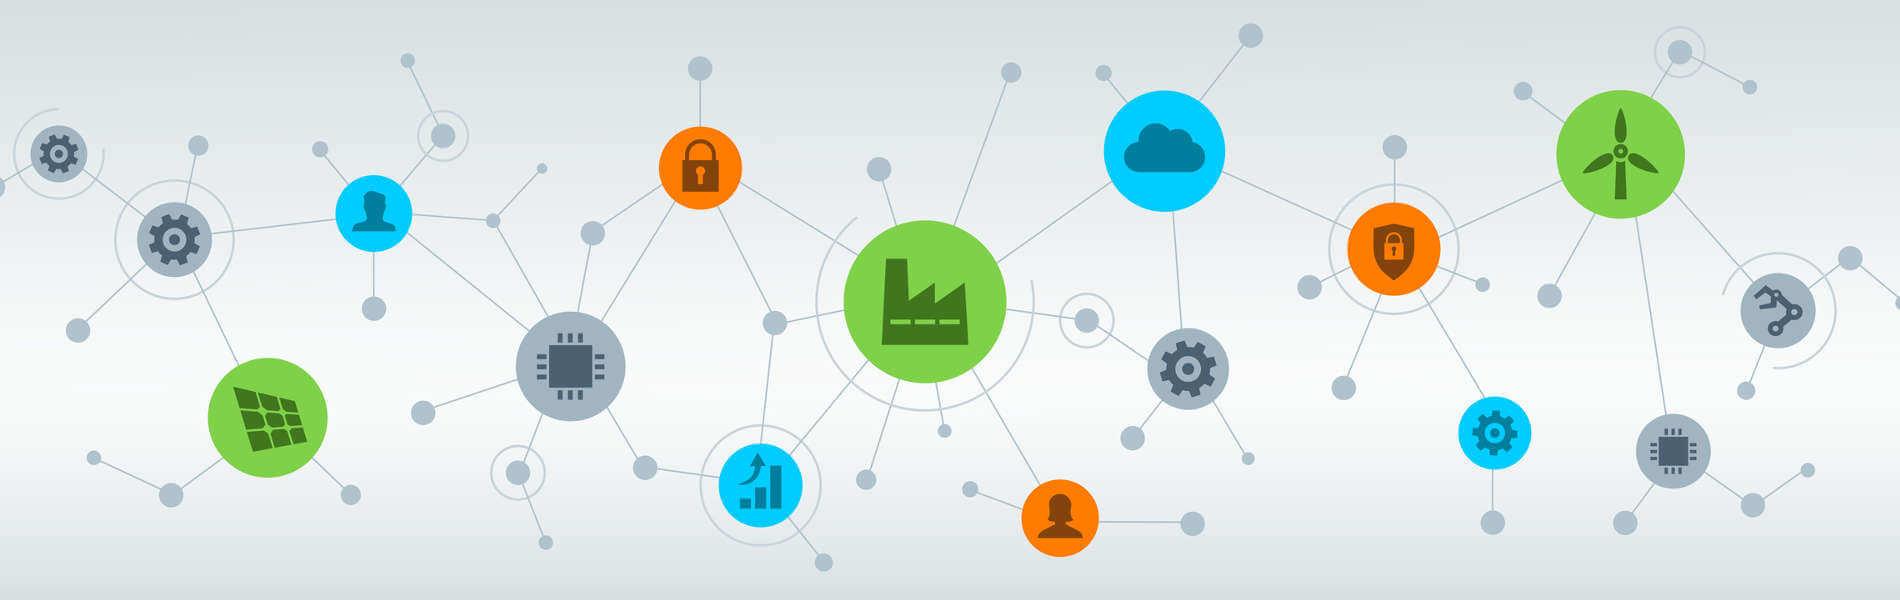 Digitale Transformation der Lieferketten – Studie offenbart Chancen und Schwächen